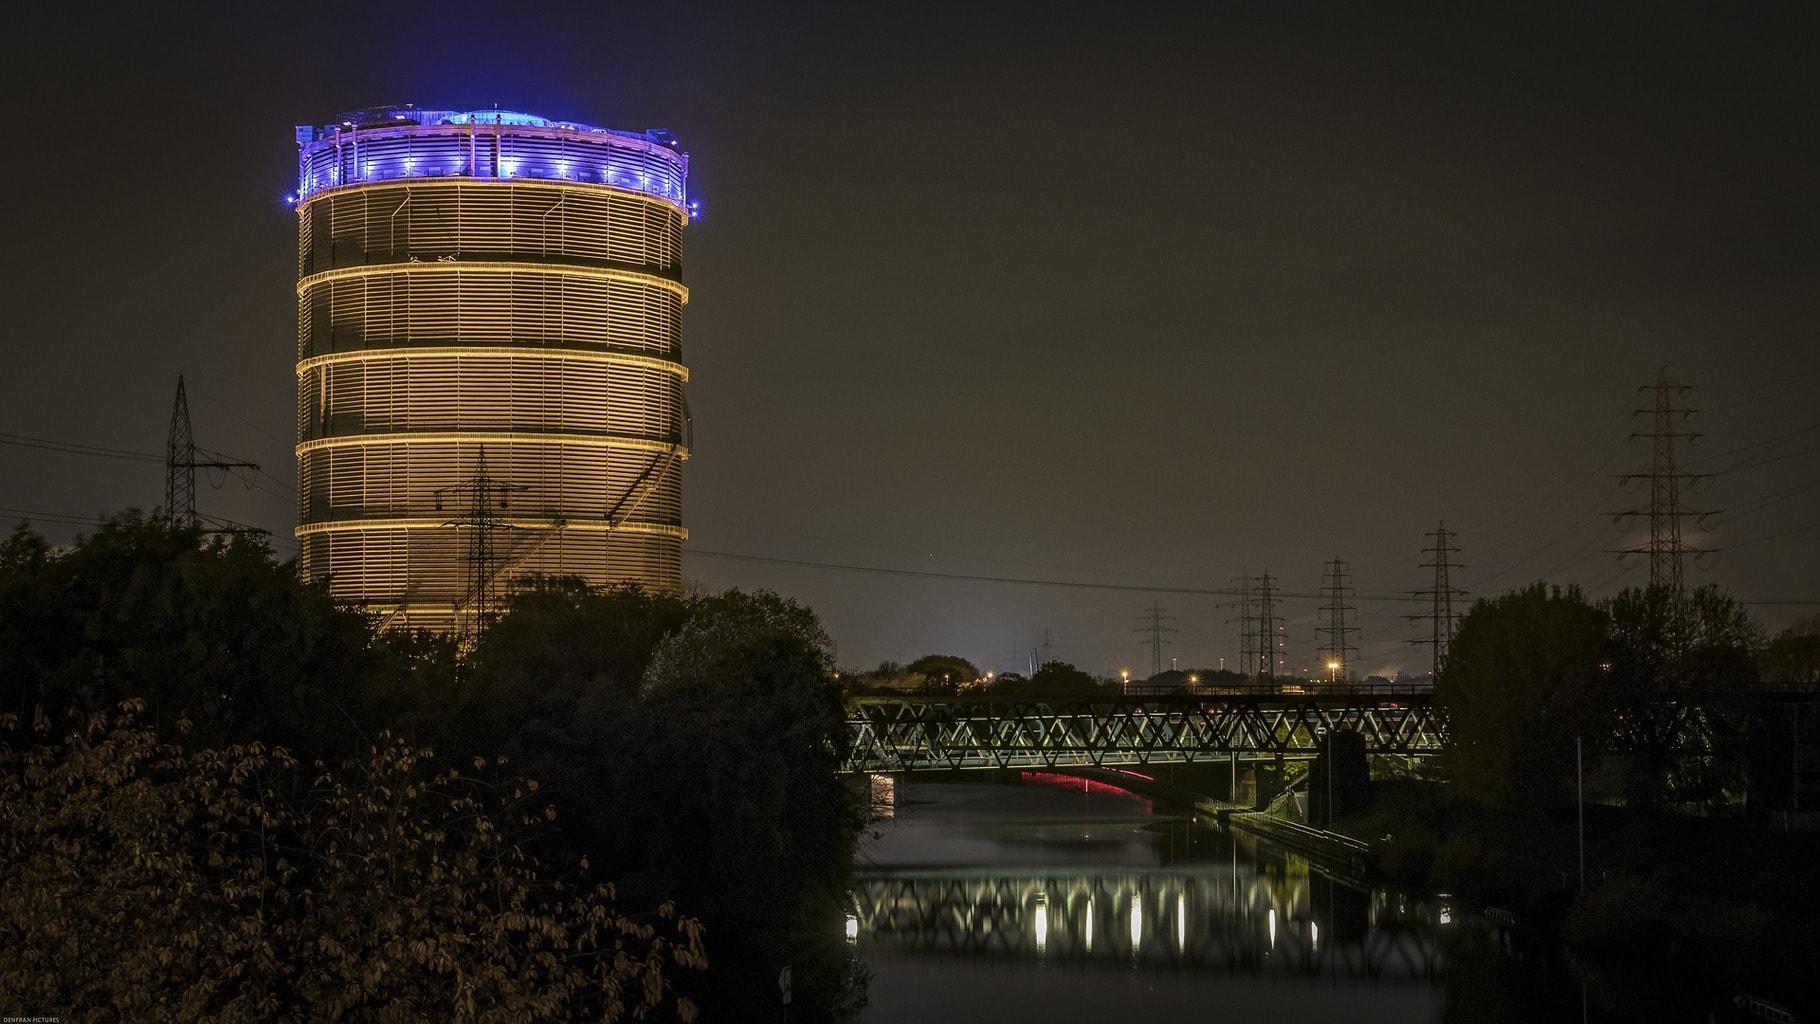 De gasometer in Oberhausen is de grootste van de wereld